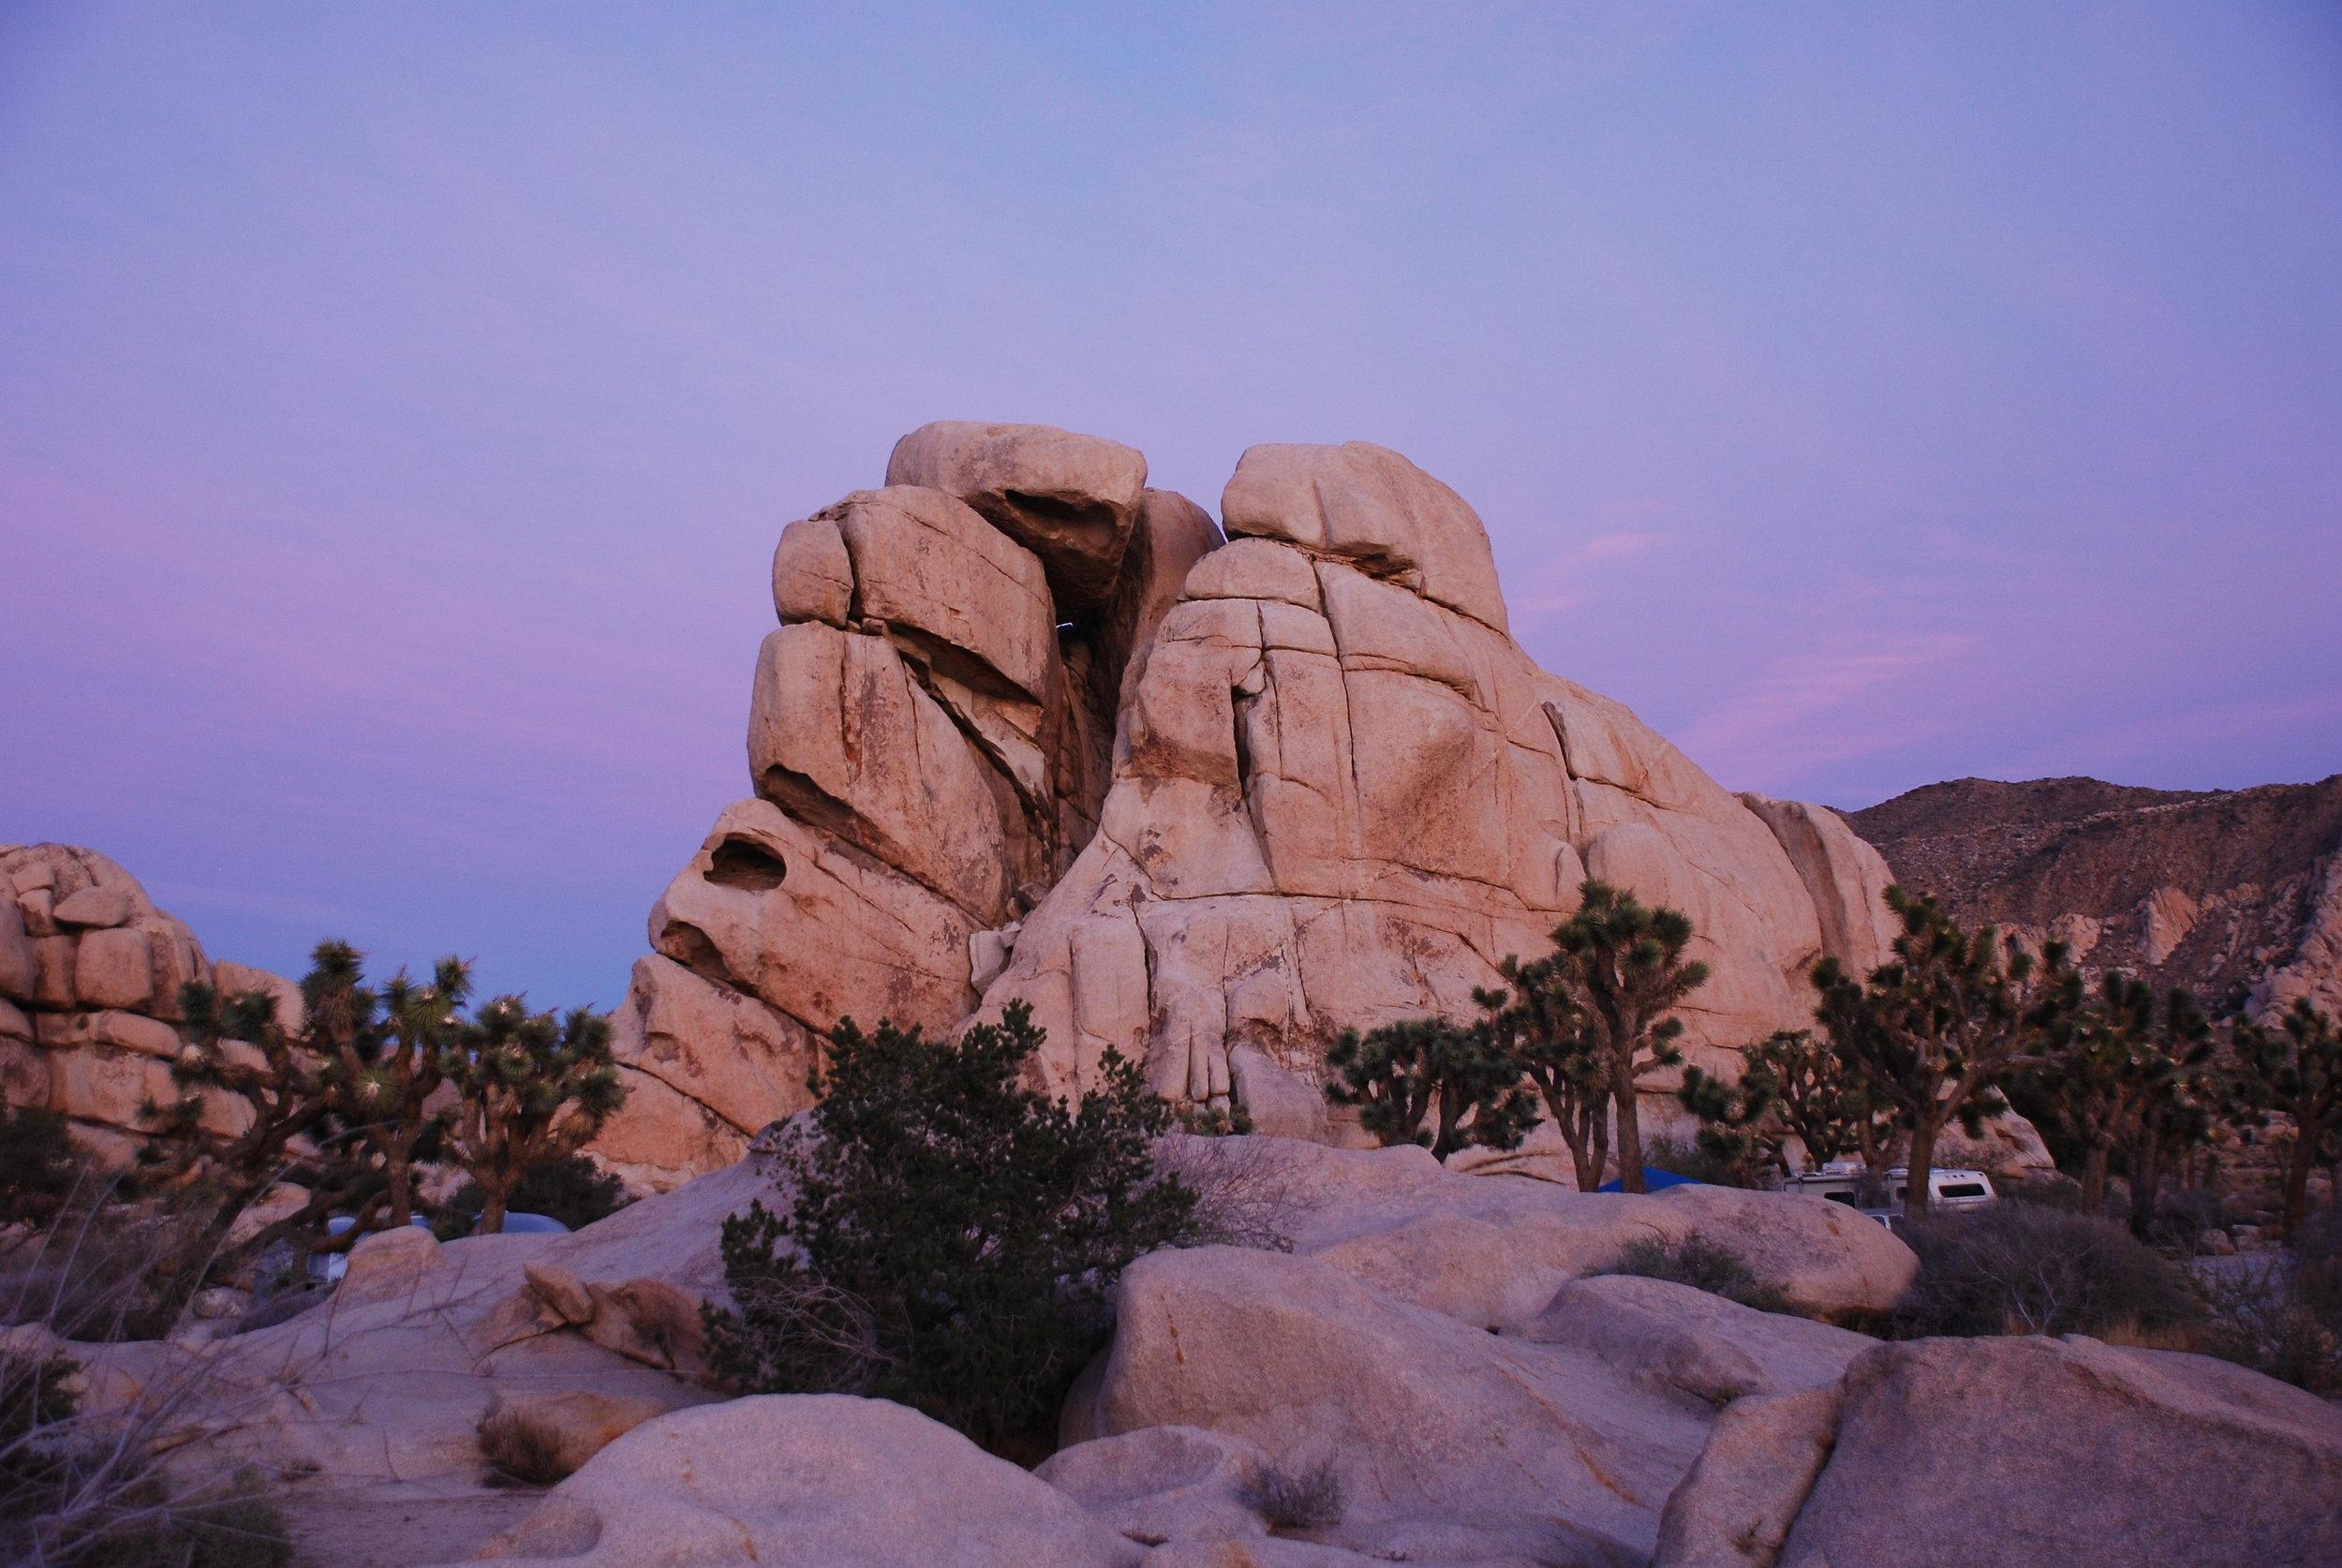 Joshua_Tree_-_Chimney_Rock.jpg